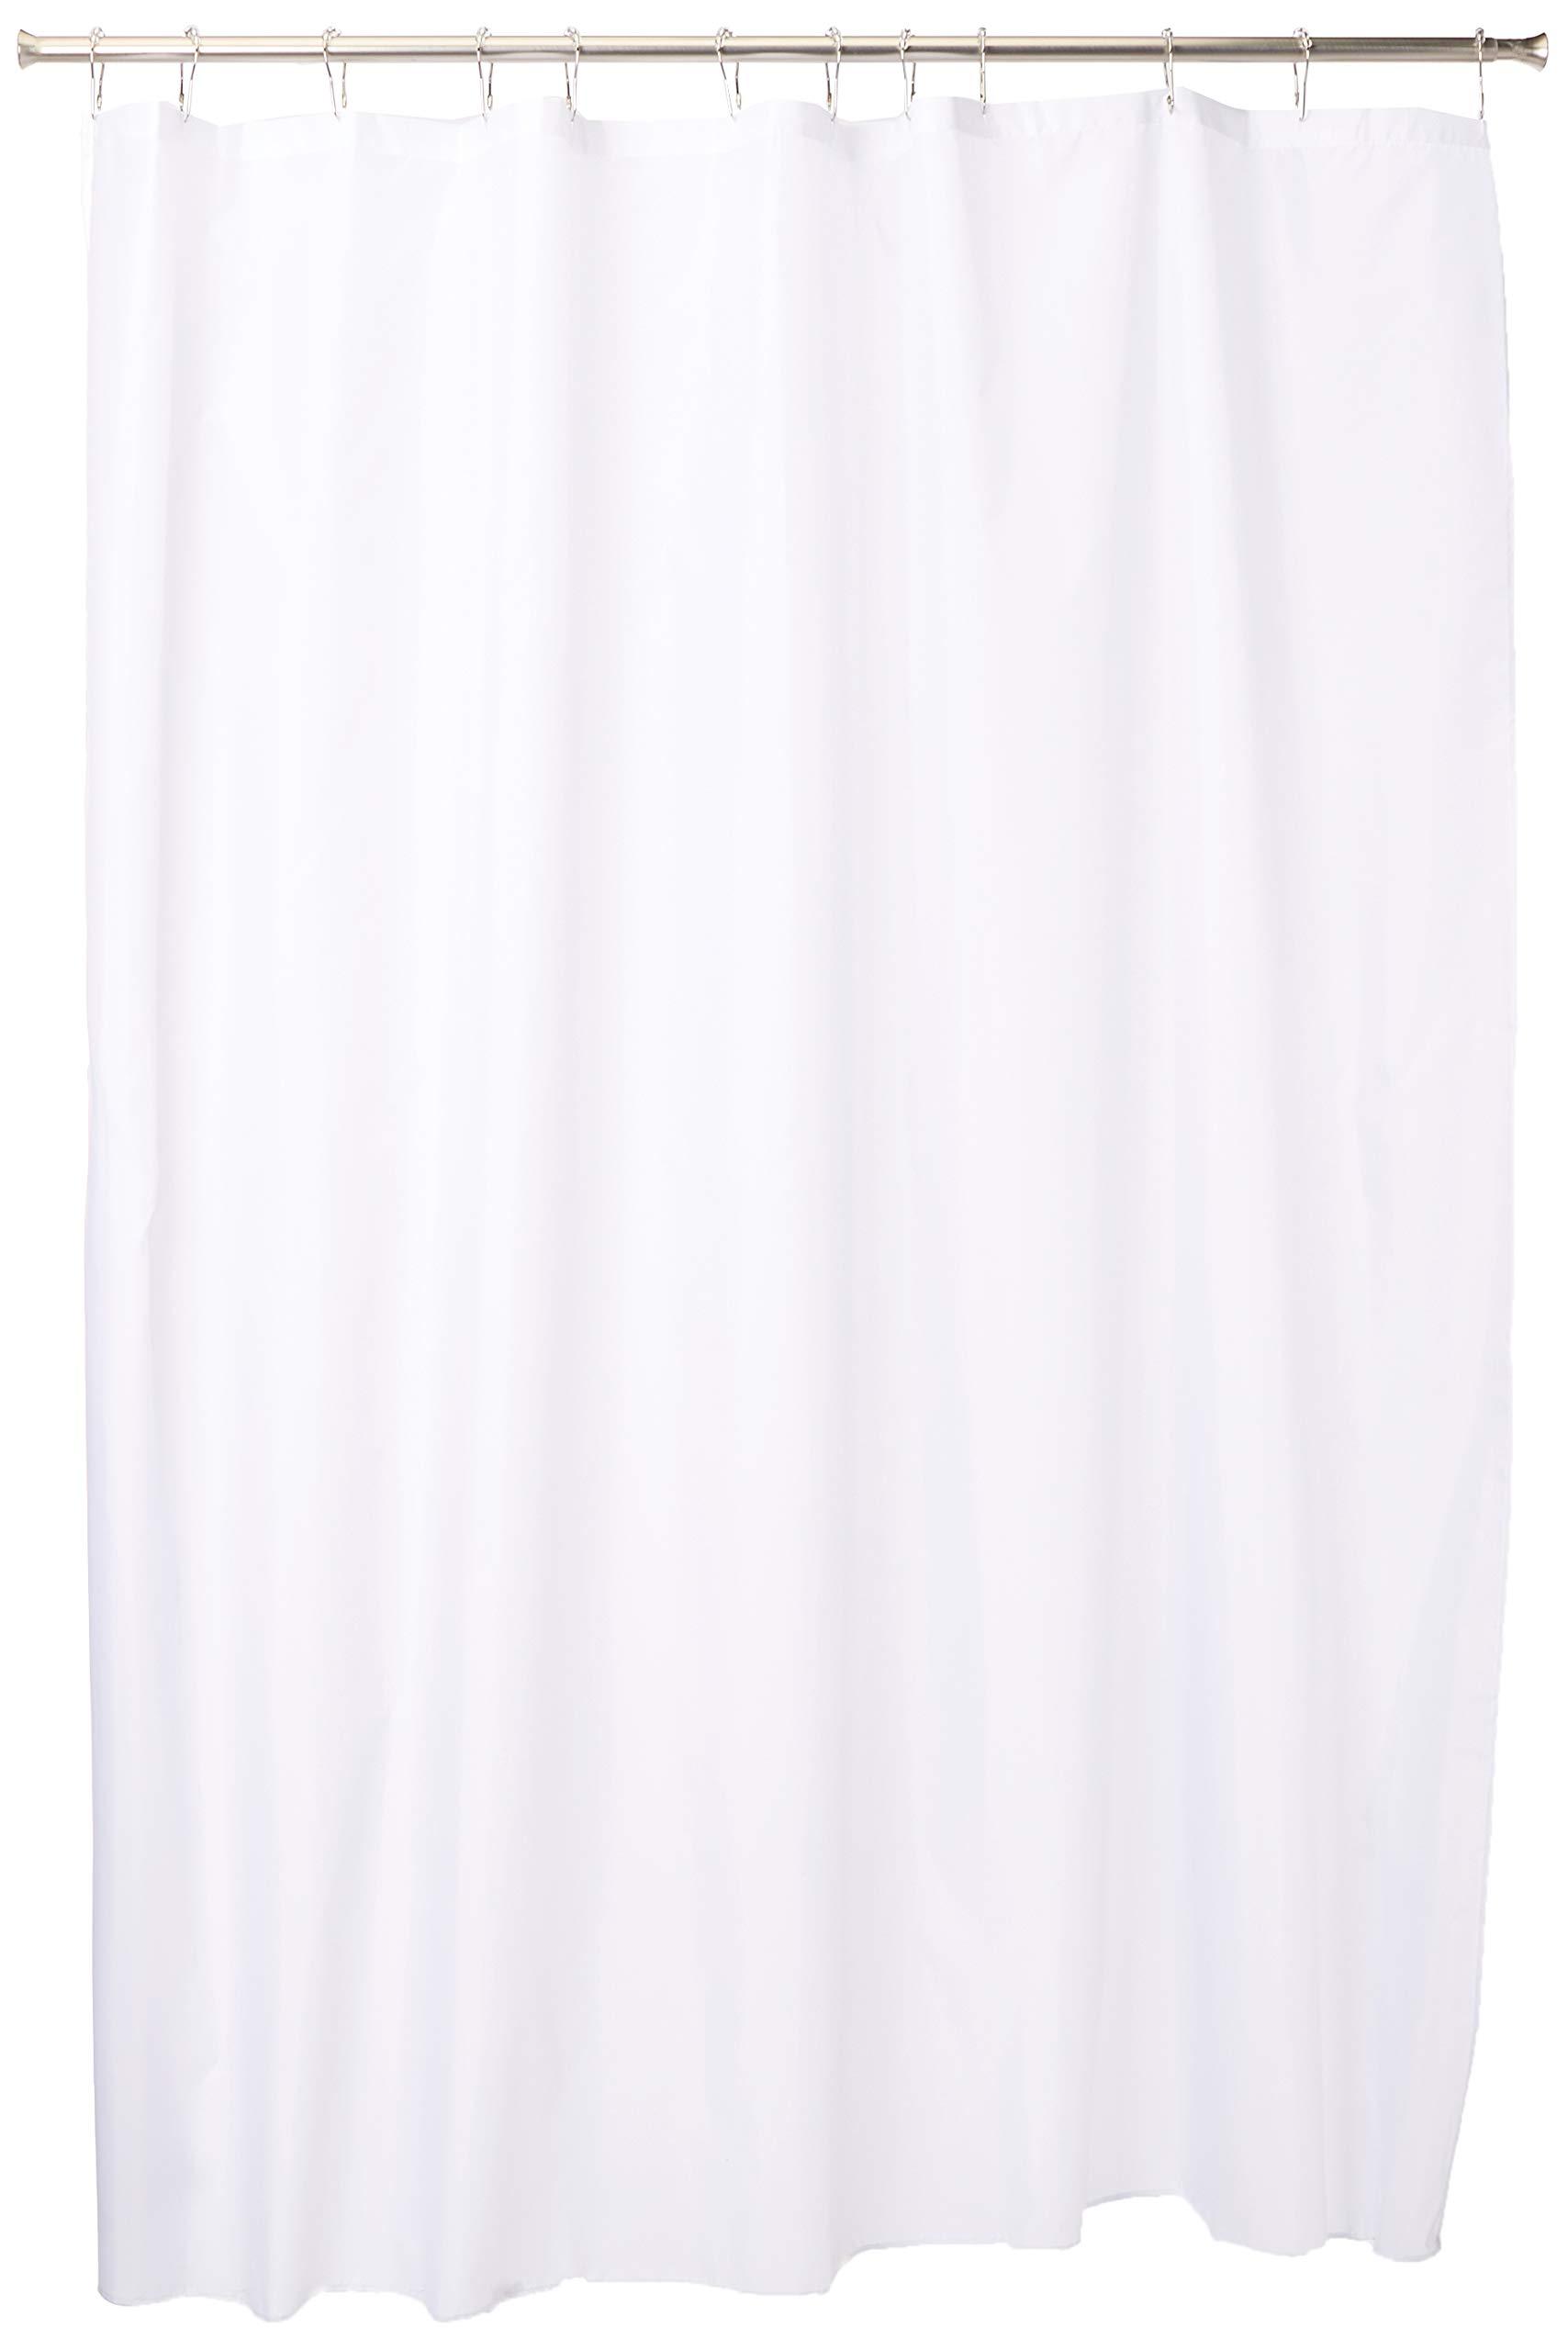 シャワーカーテン 防水加工 布製 無地 183cm x 183cm ホワイト 14652EJ